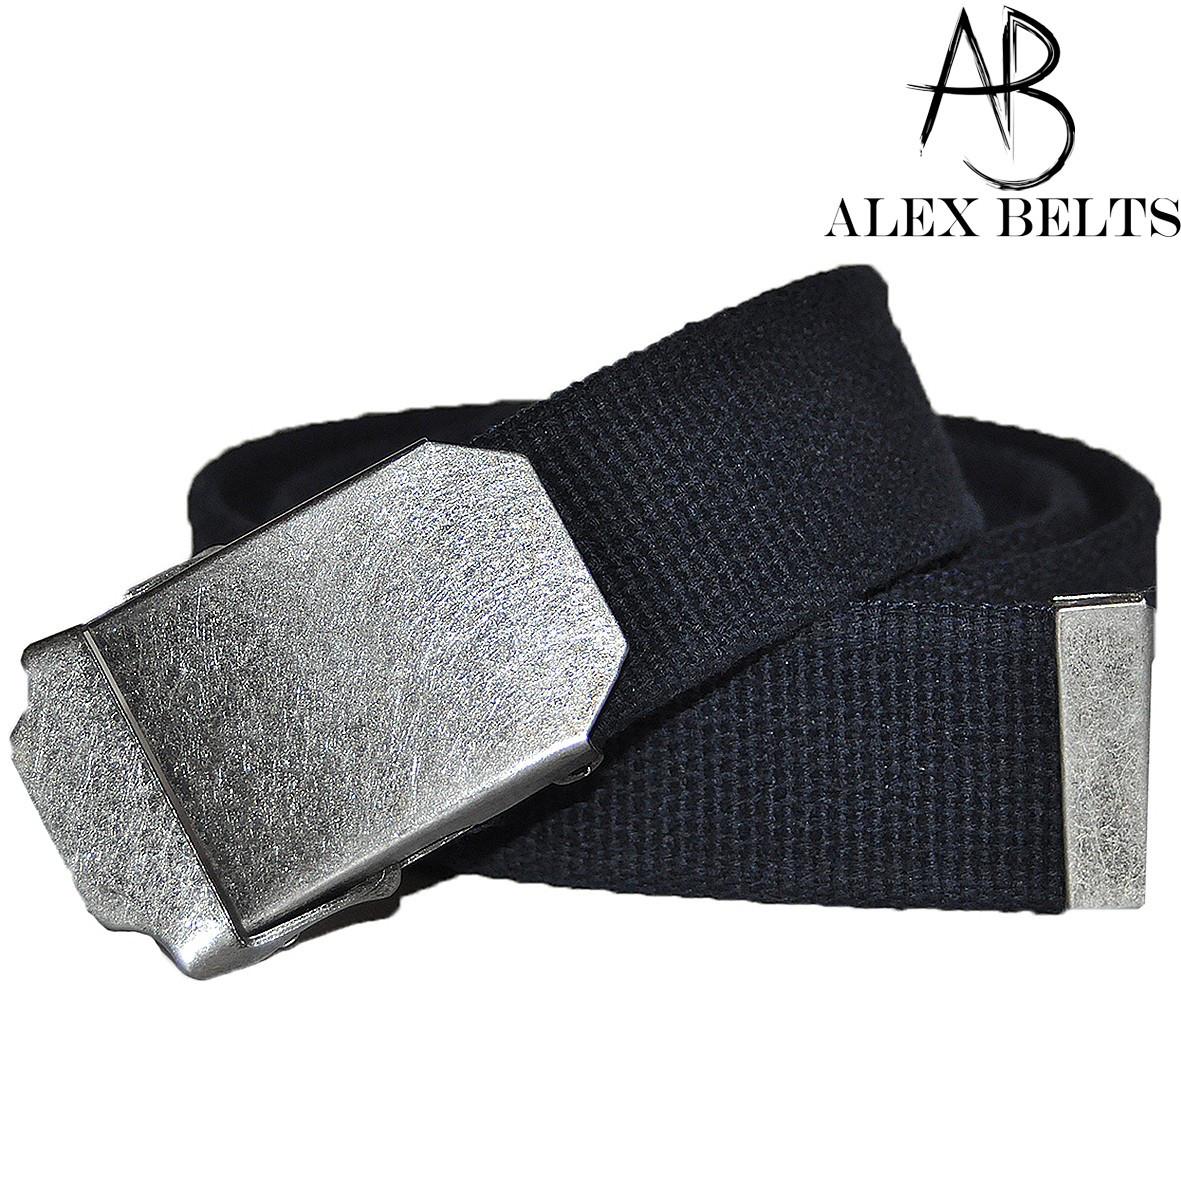 Ремень мужской джинсовый тканевый (темно-синий) 40 мм-купить оптом в Одессе